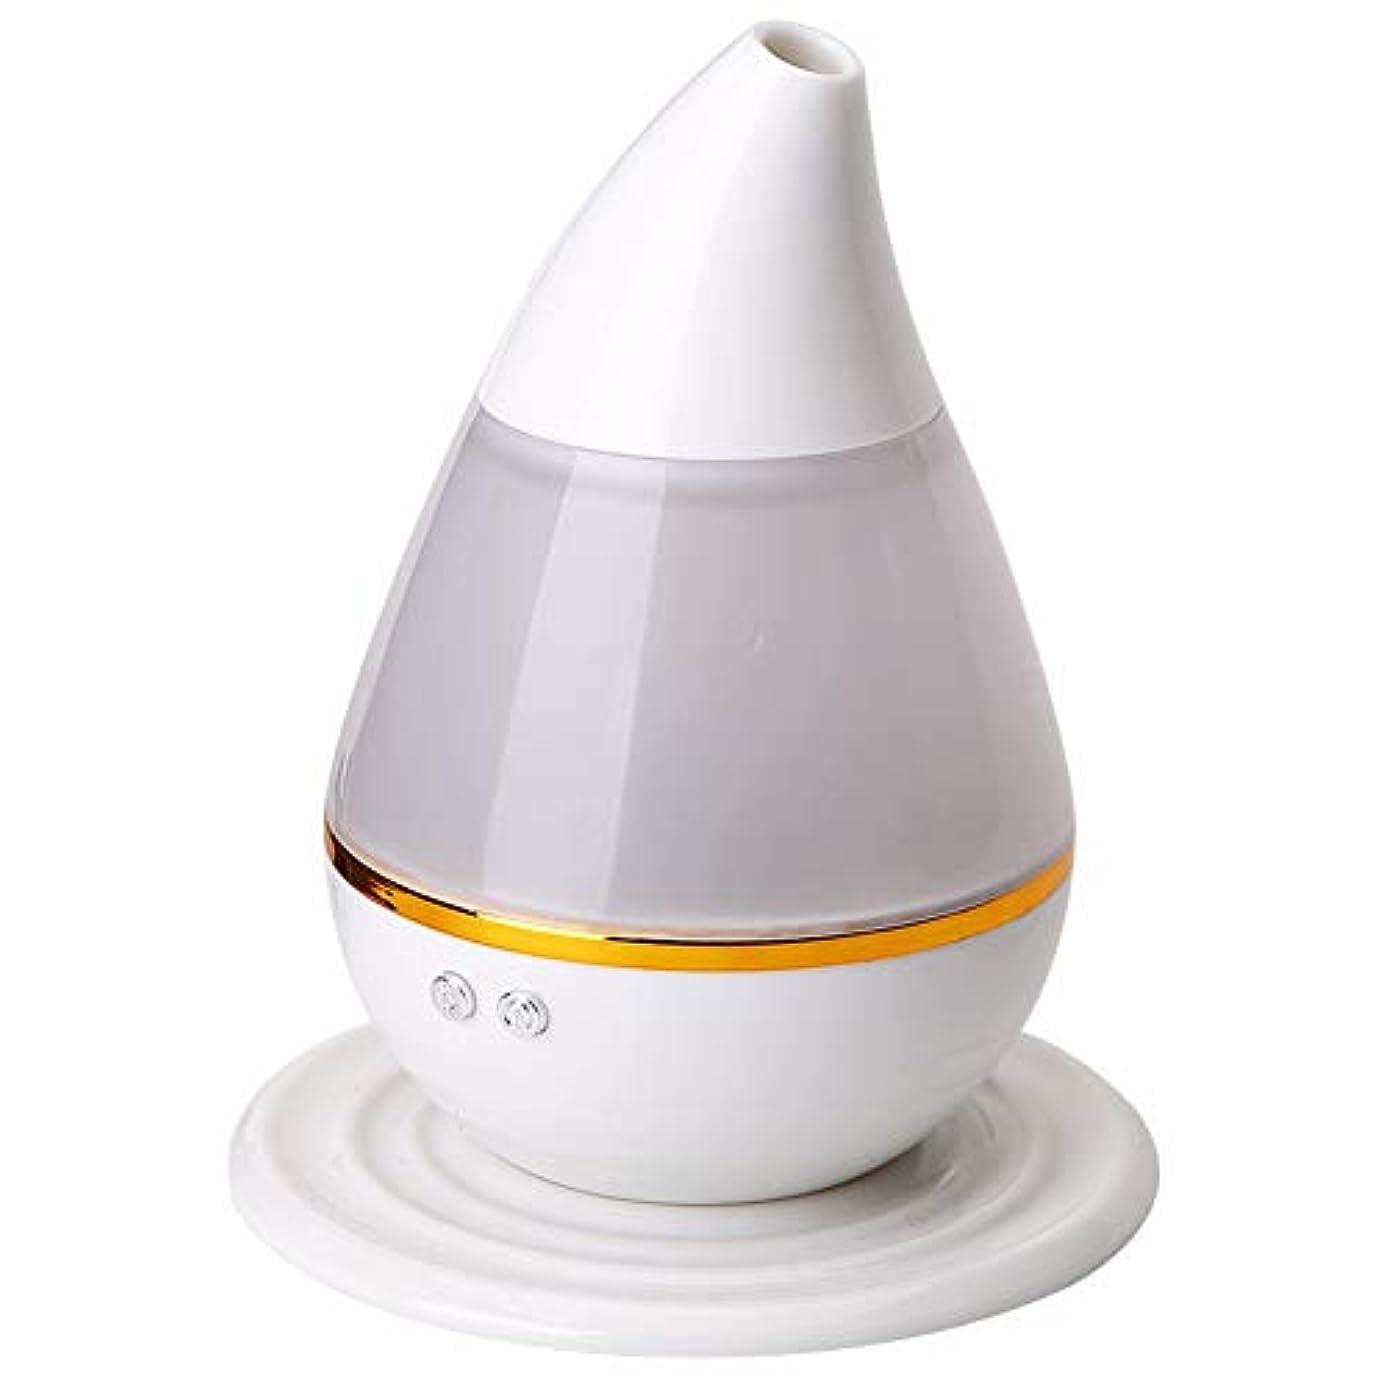 部門自明なめらかエッセンシャル オイル ディフューザー, 涼しい霧の加湿器 7色LEDムードランプ そして 自動シャットオフ アロマディフューザー の ホーム オフィス Yoga 車-ホワイト 12x15cm